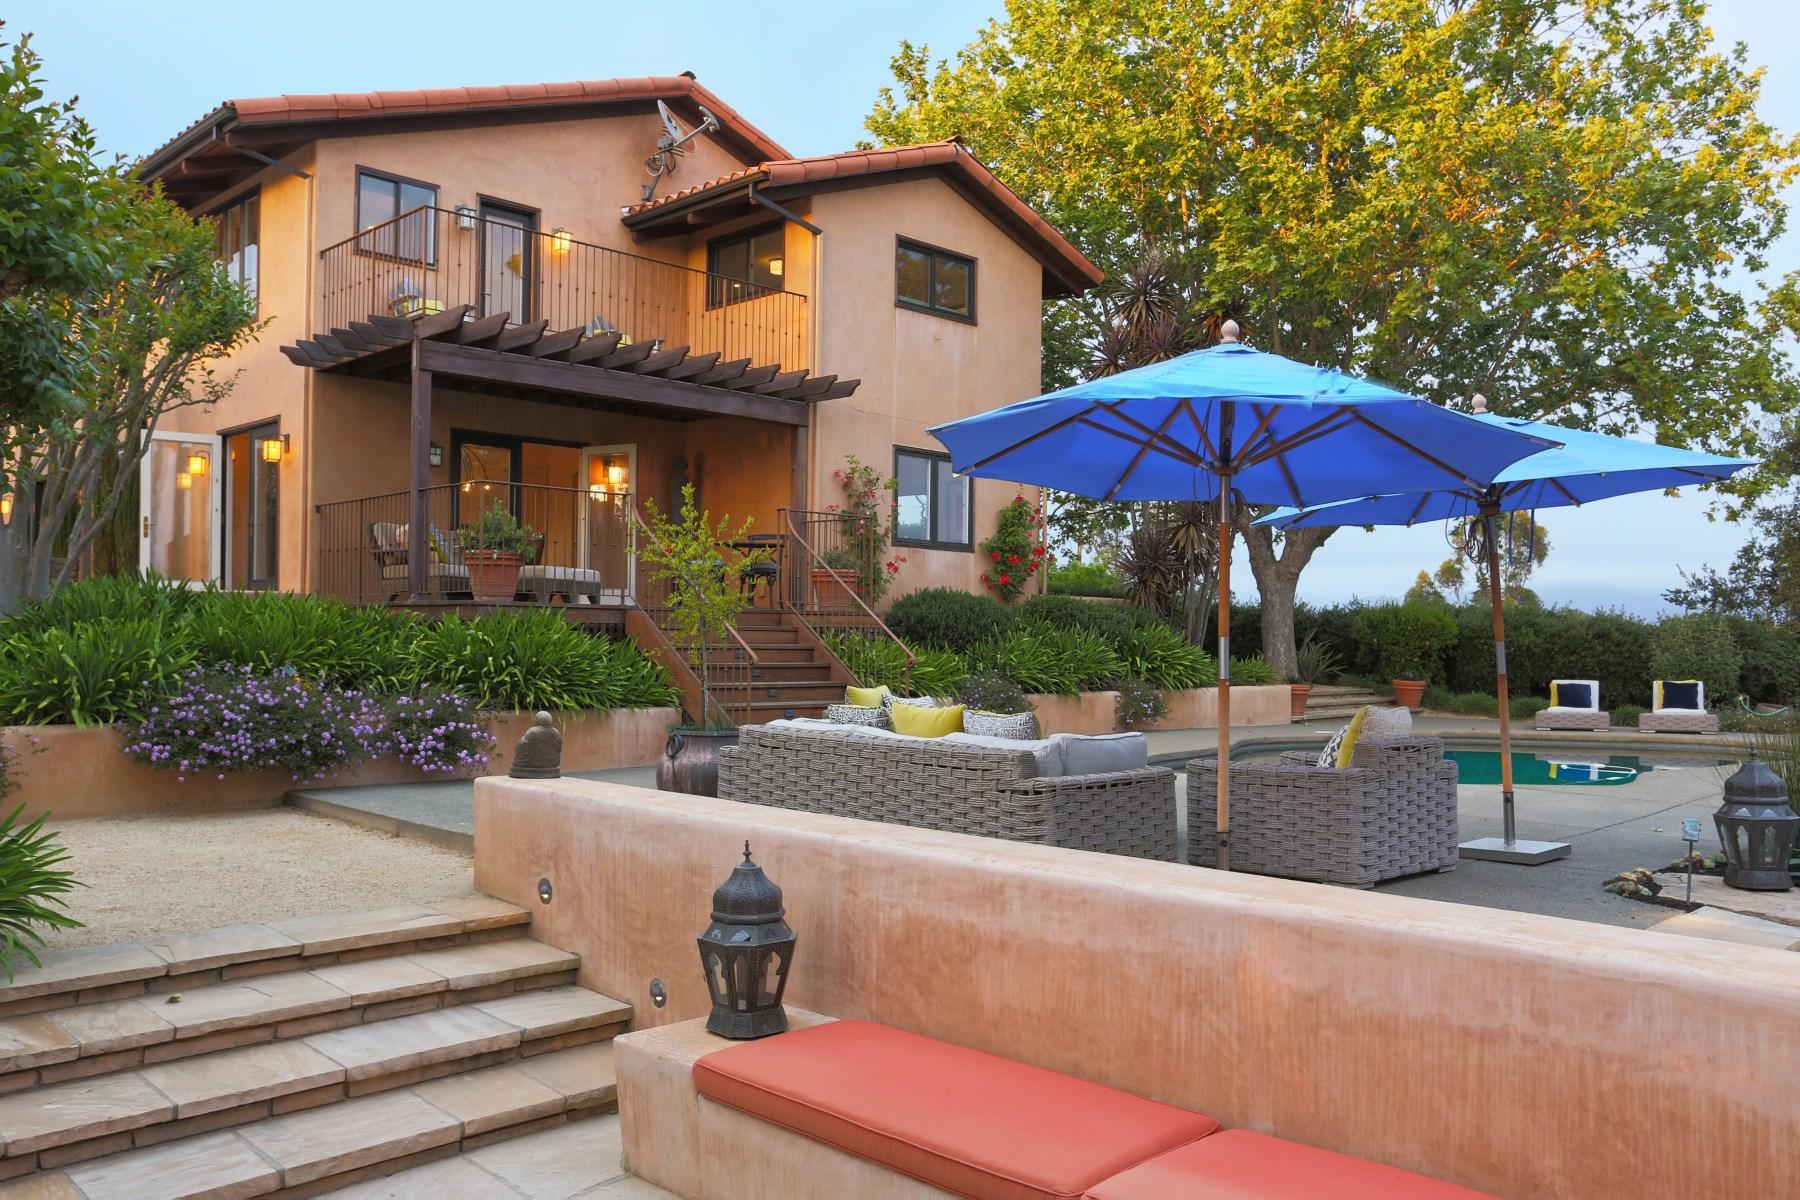 Casa para uma família para Venda às La Dolce Vita 700 Maybee Ln Healdsburg, Califórnia 95448 Estados Unidos